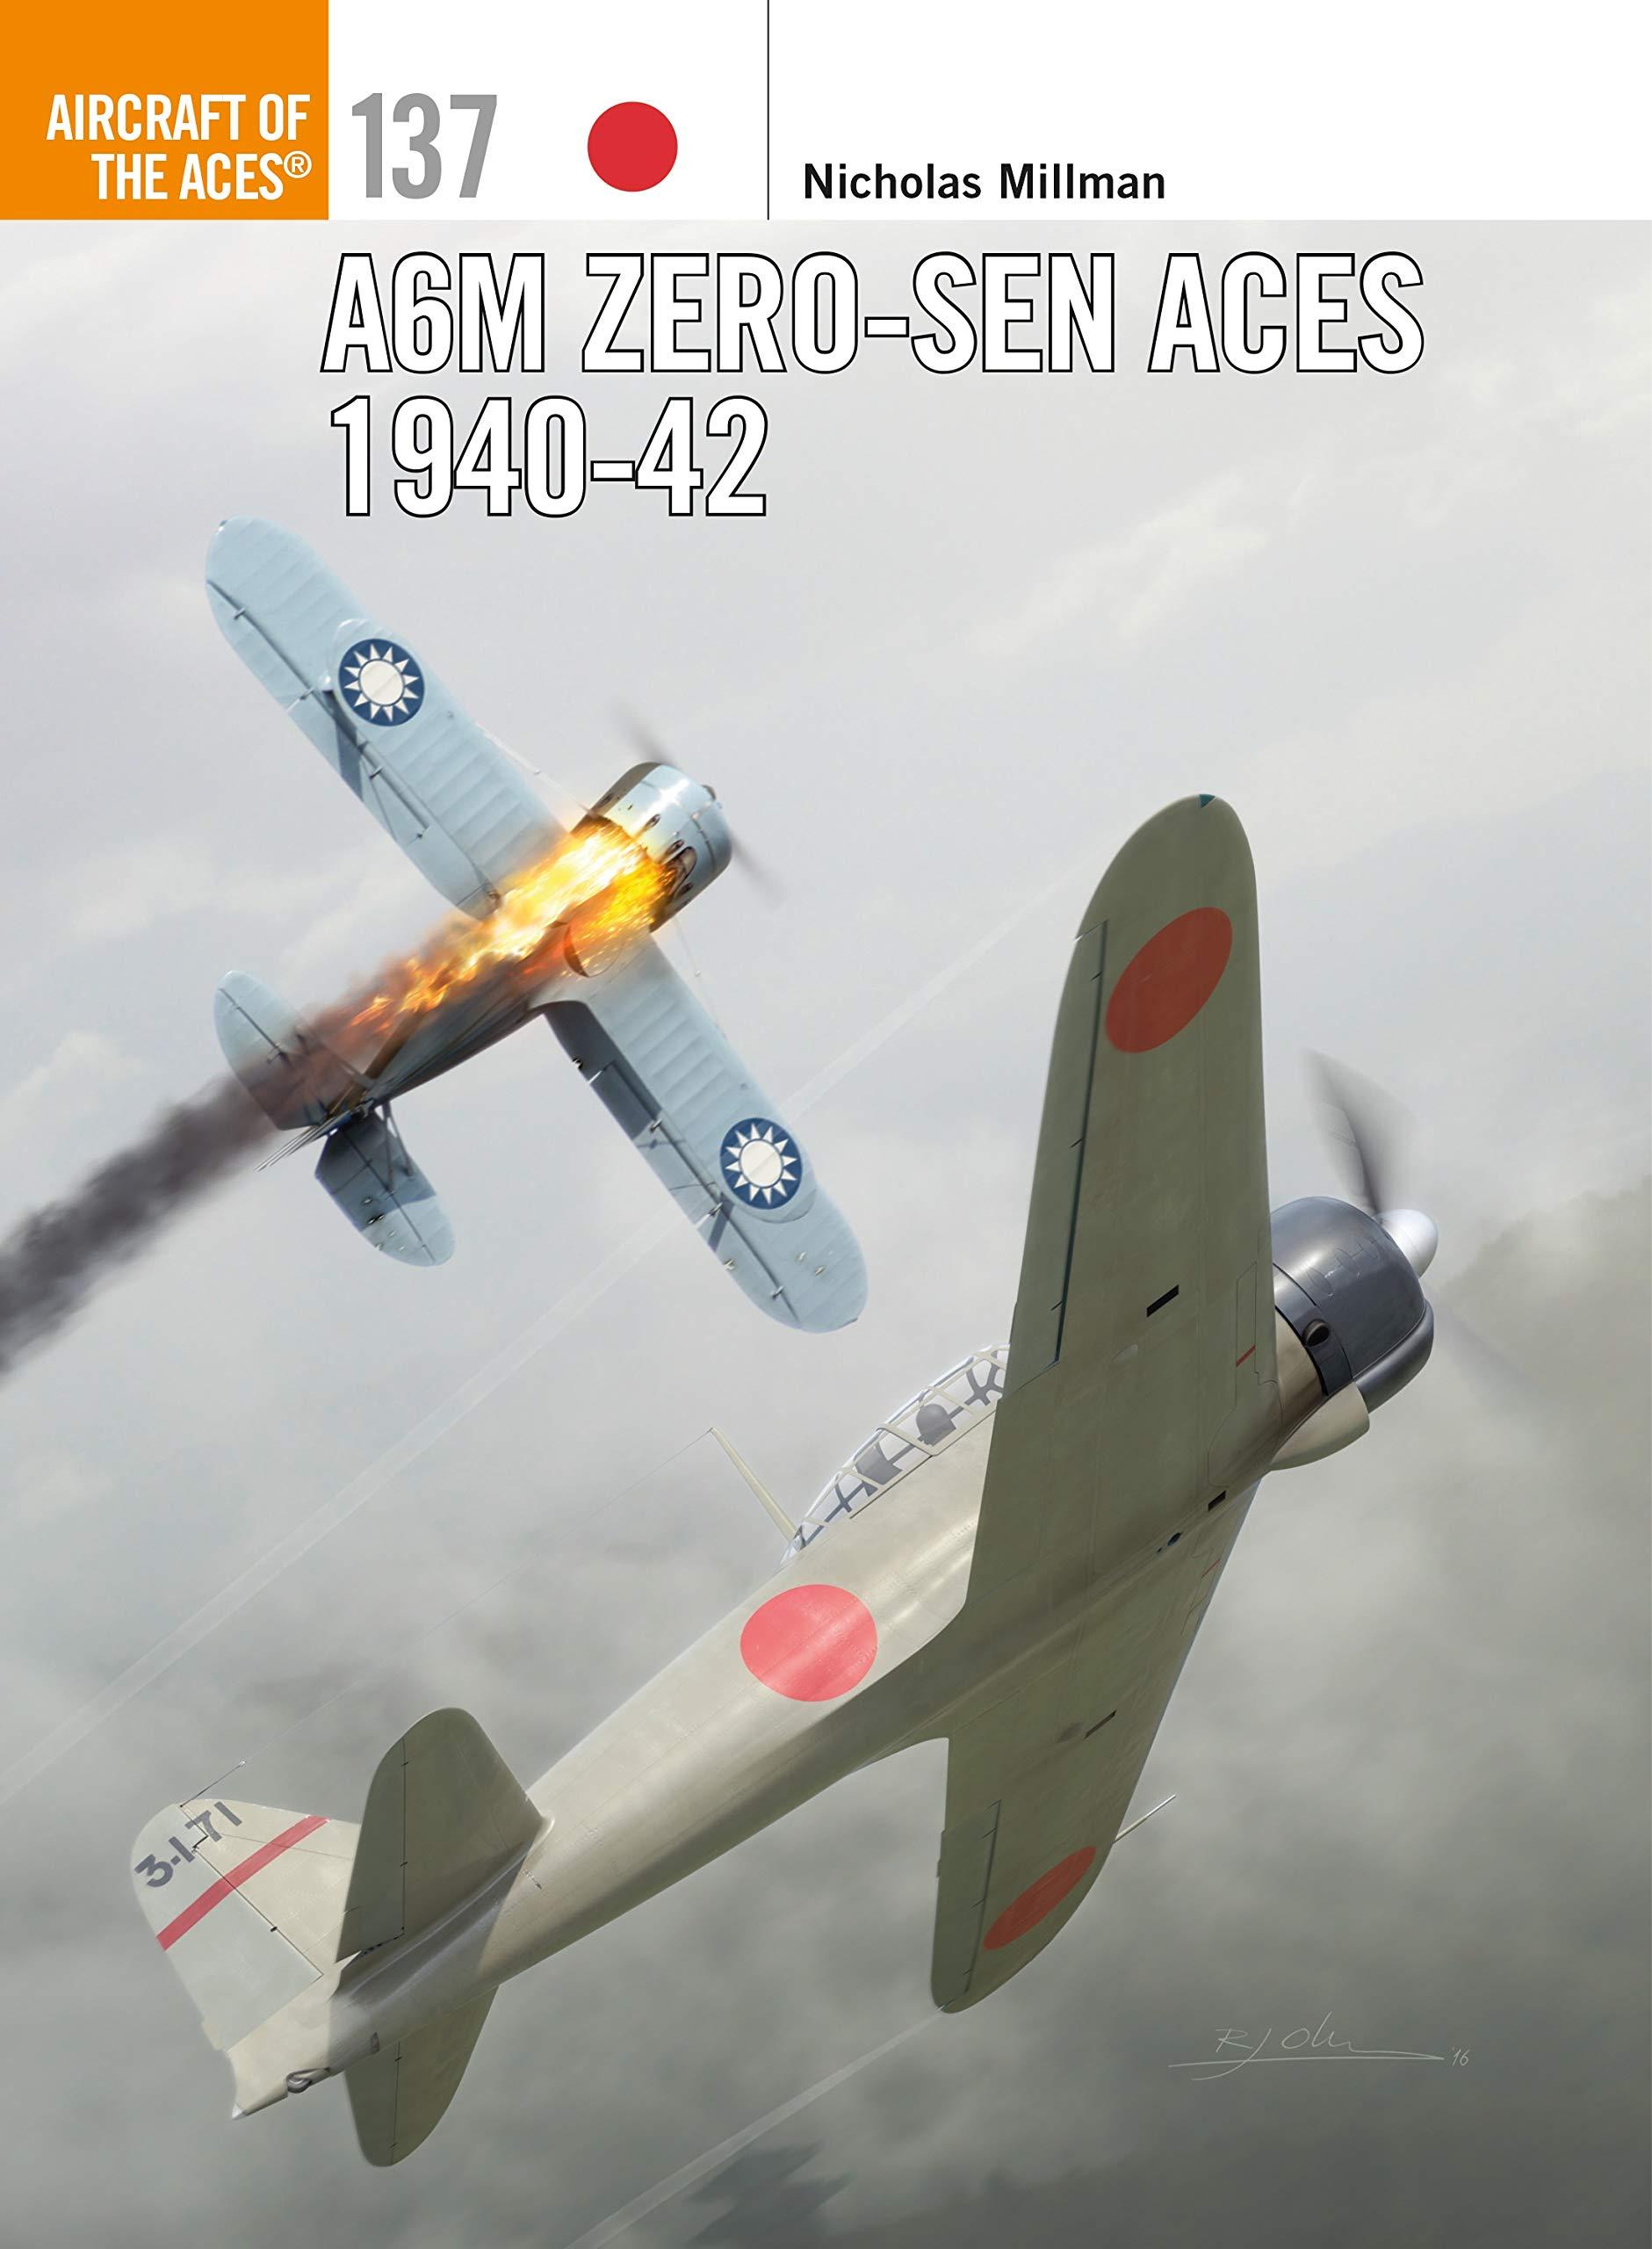 A6M Zero-sen Aces 1940-42 (Aircraft of the Aces): Nicholas